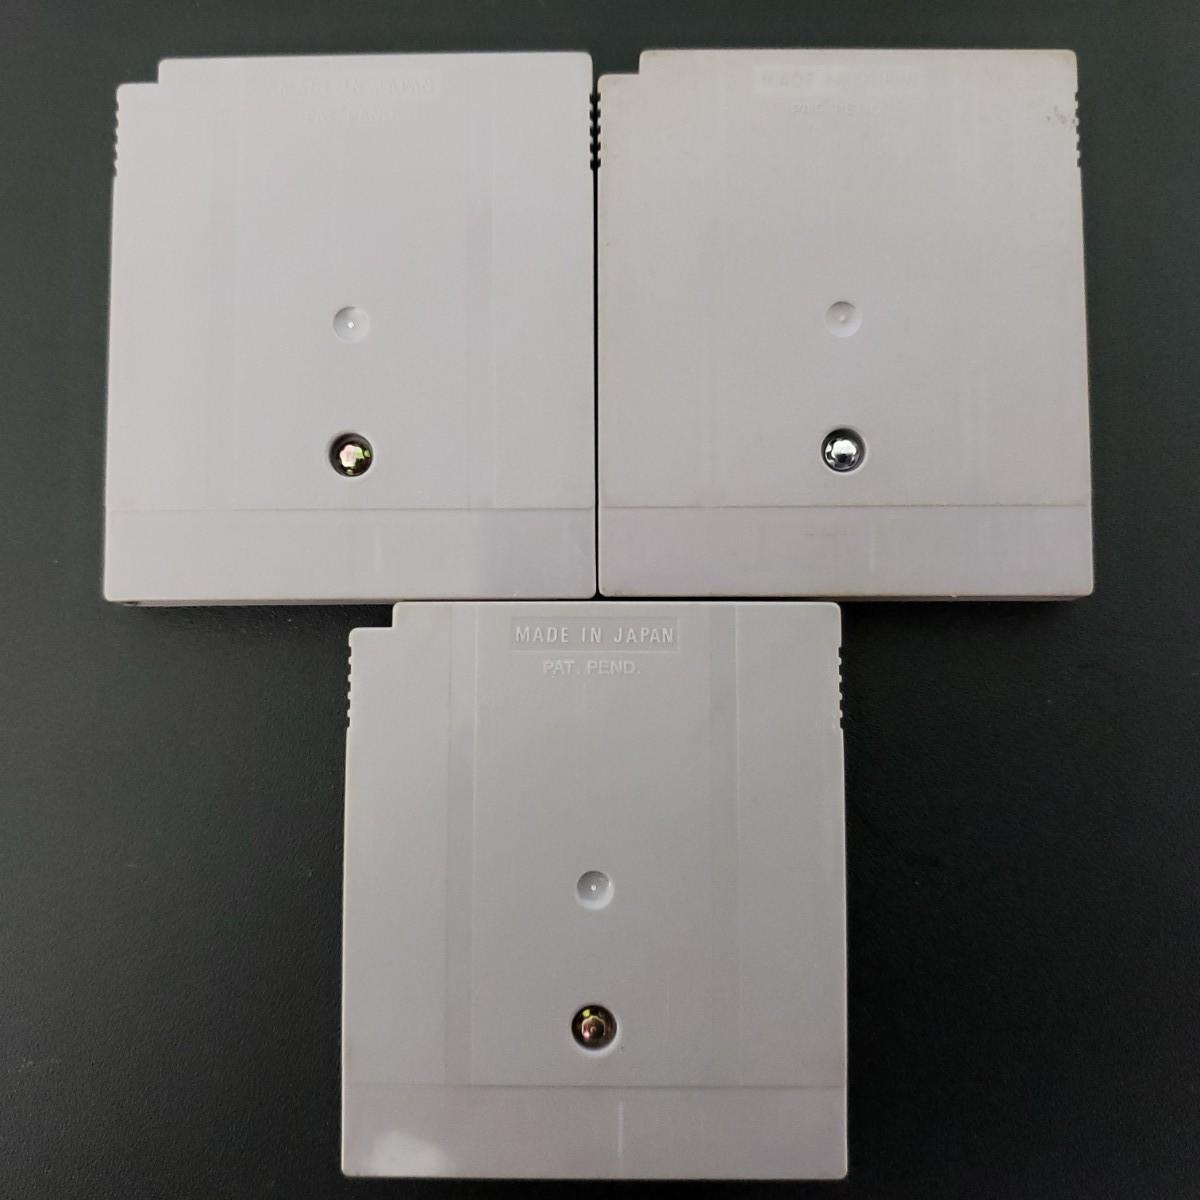 ゲームボーイソフト スーパーマリオランド 3種類